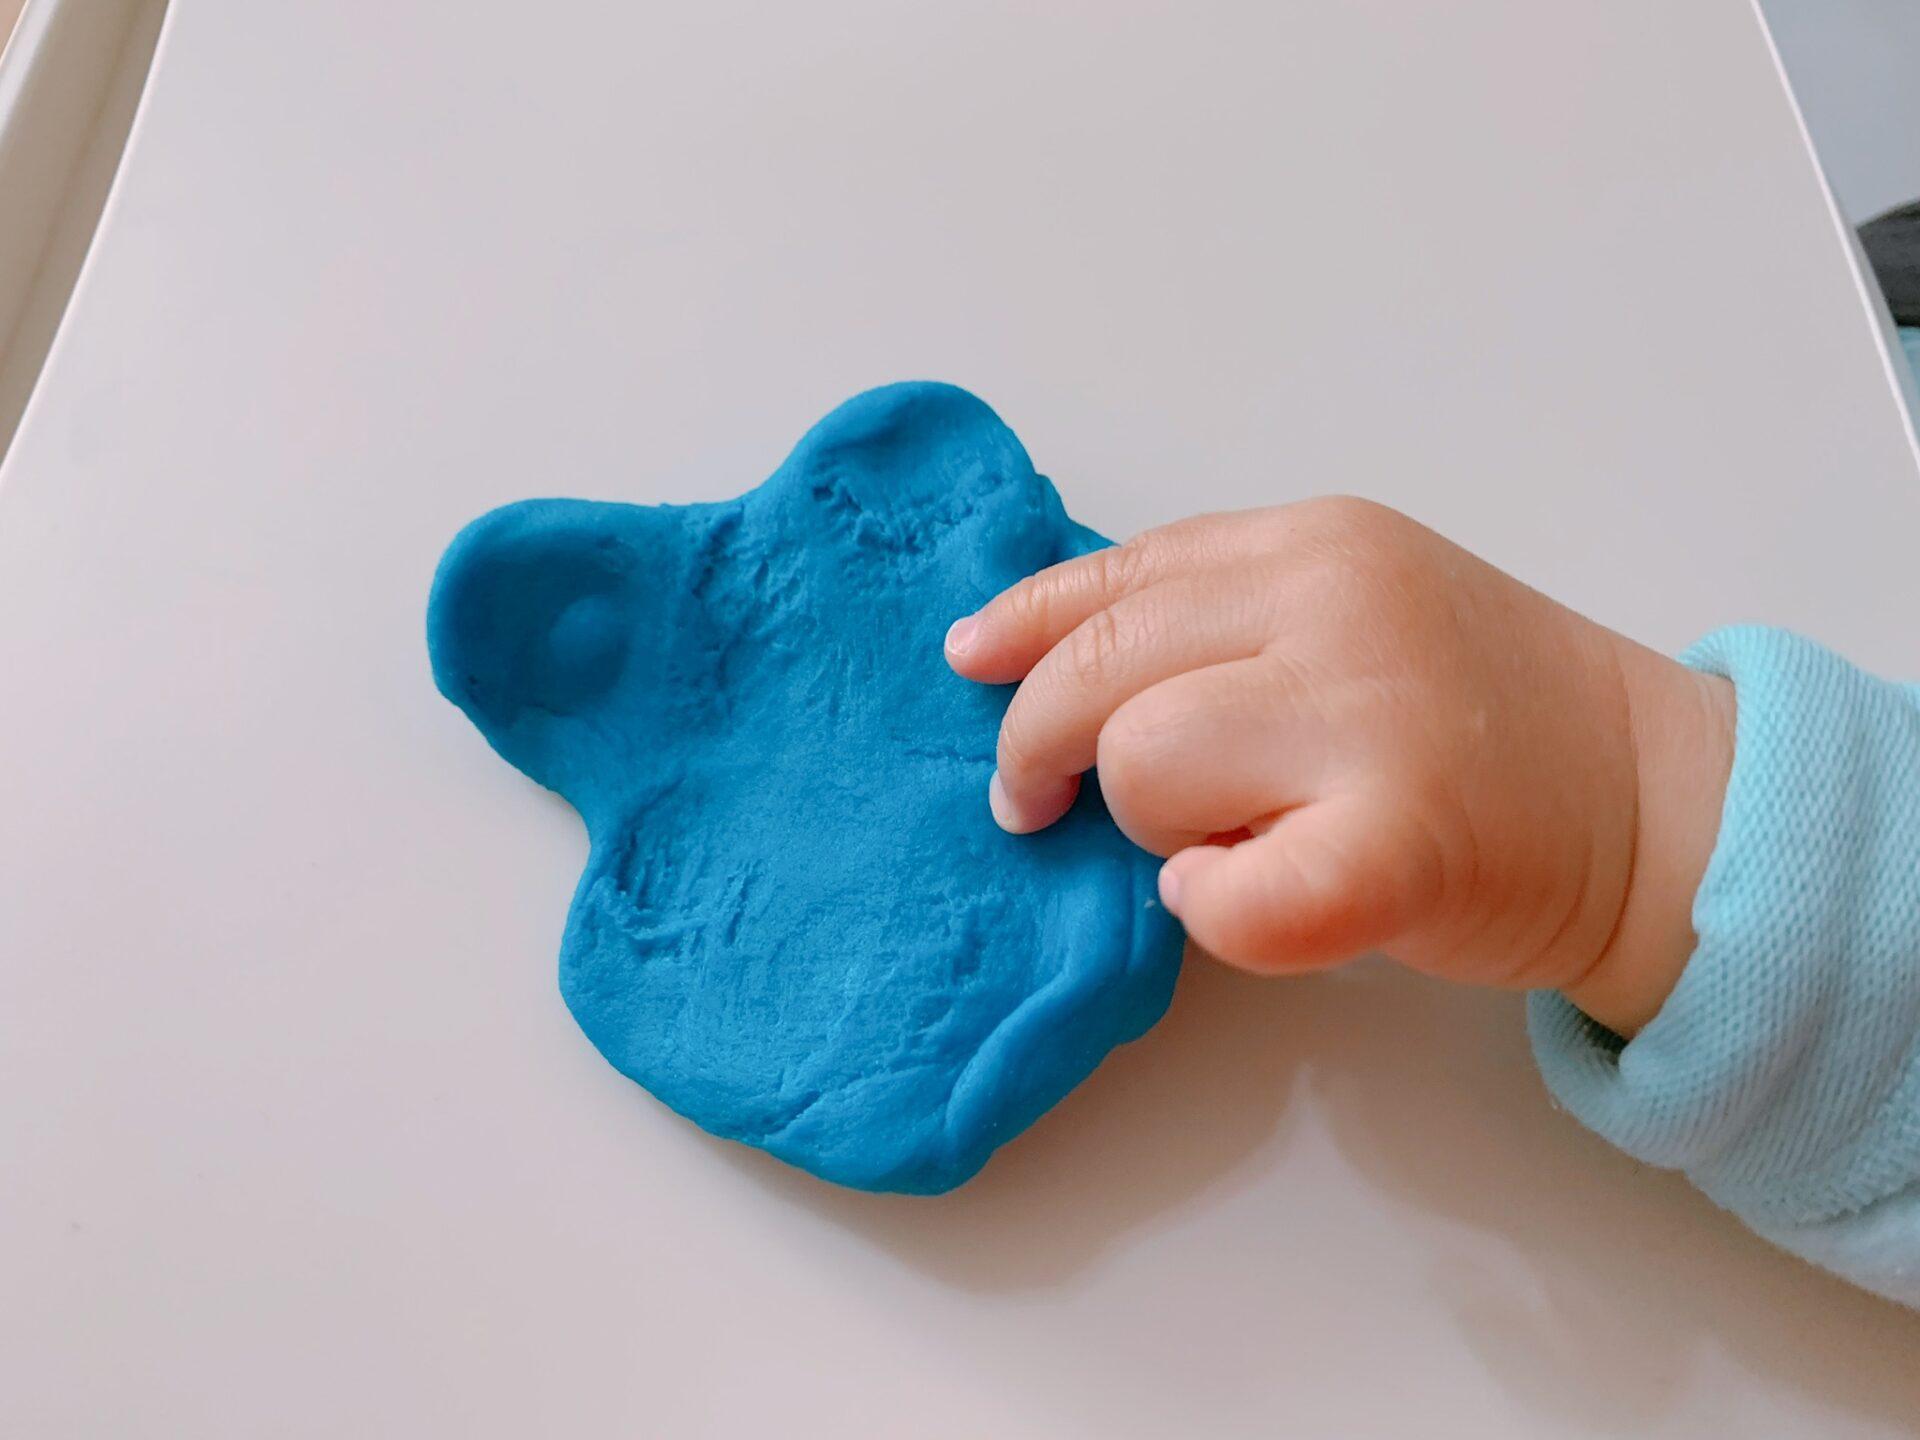 ボーネルンドのかんてんネンドStudioで粘土遊びしているところ。